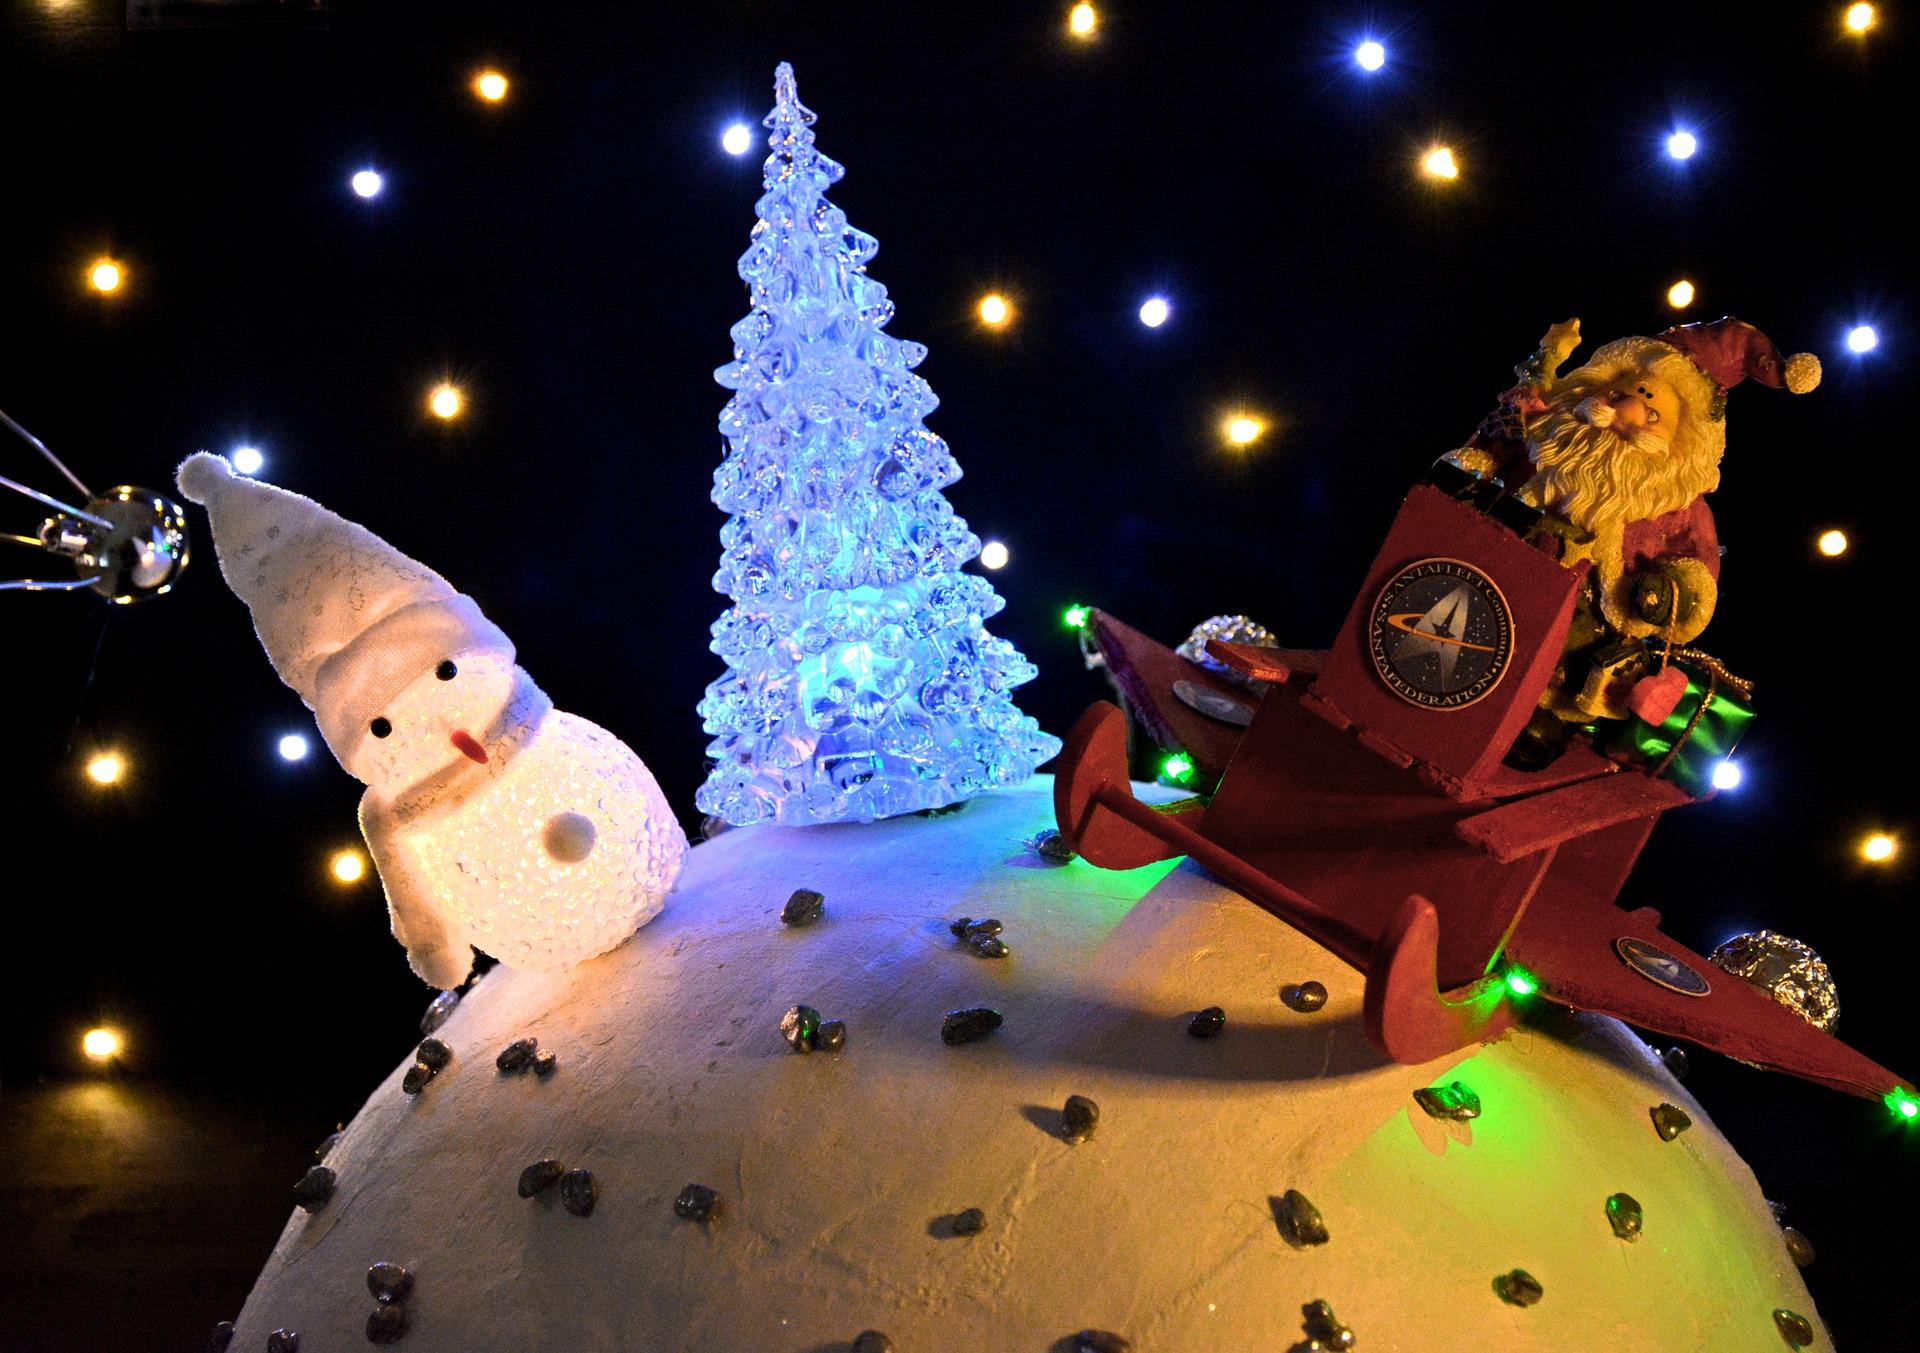 christmas-scene-1006221_1920